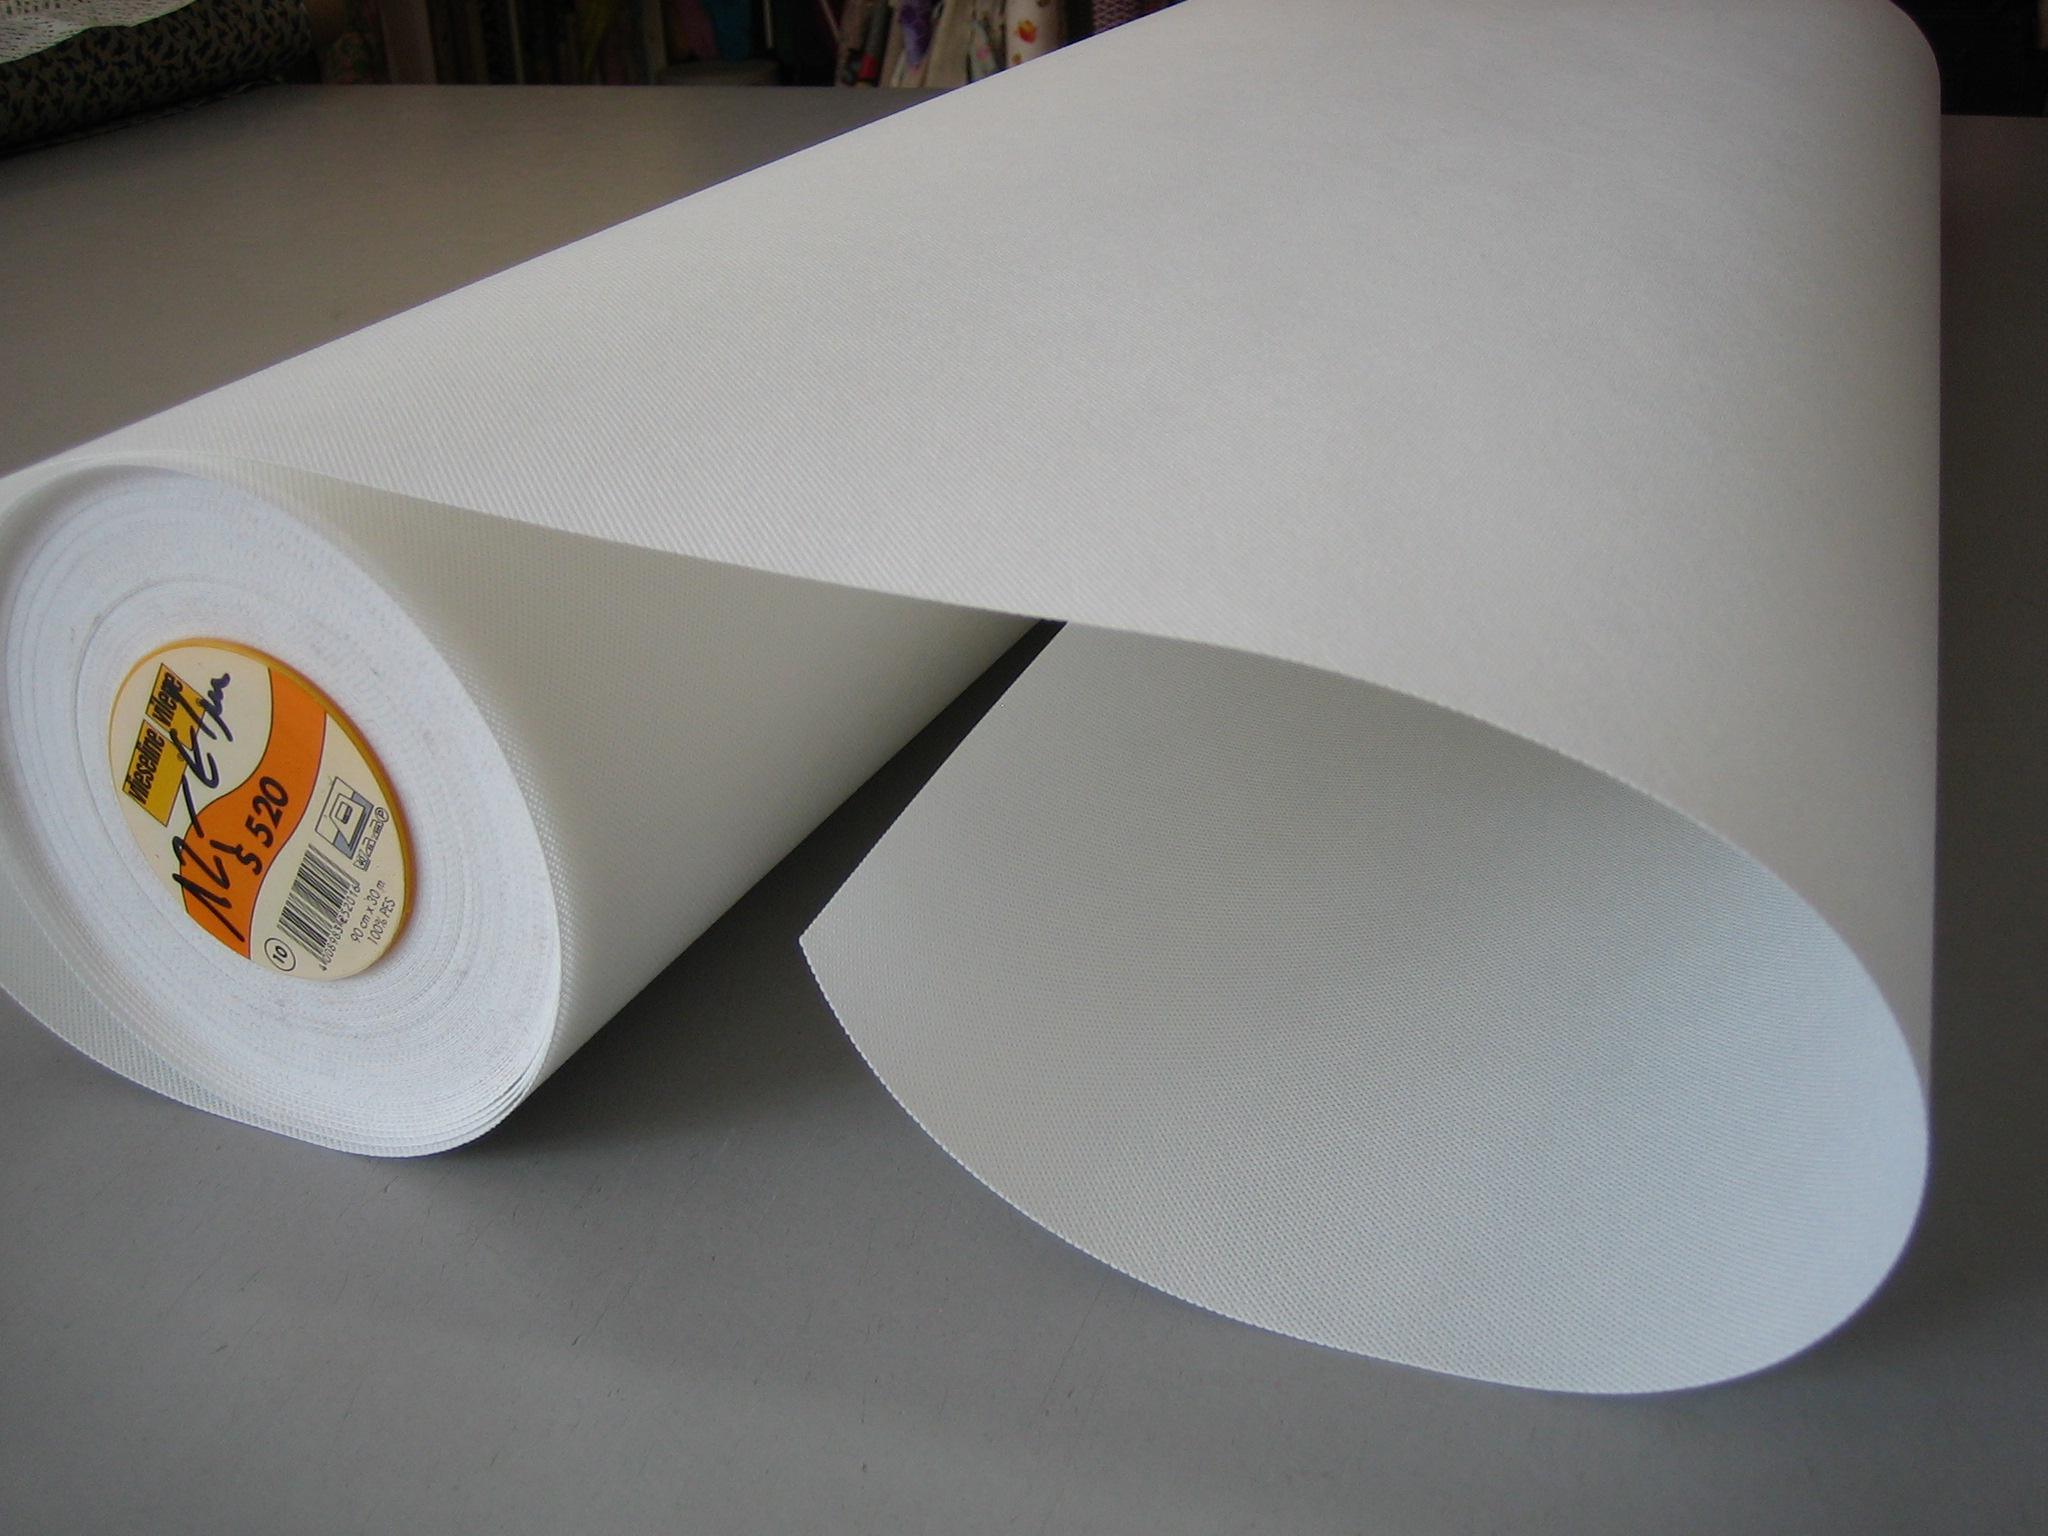 Ткань на клеевой основе своими руками